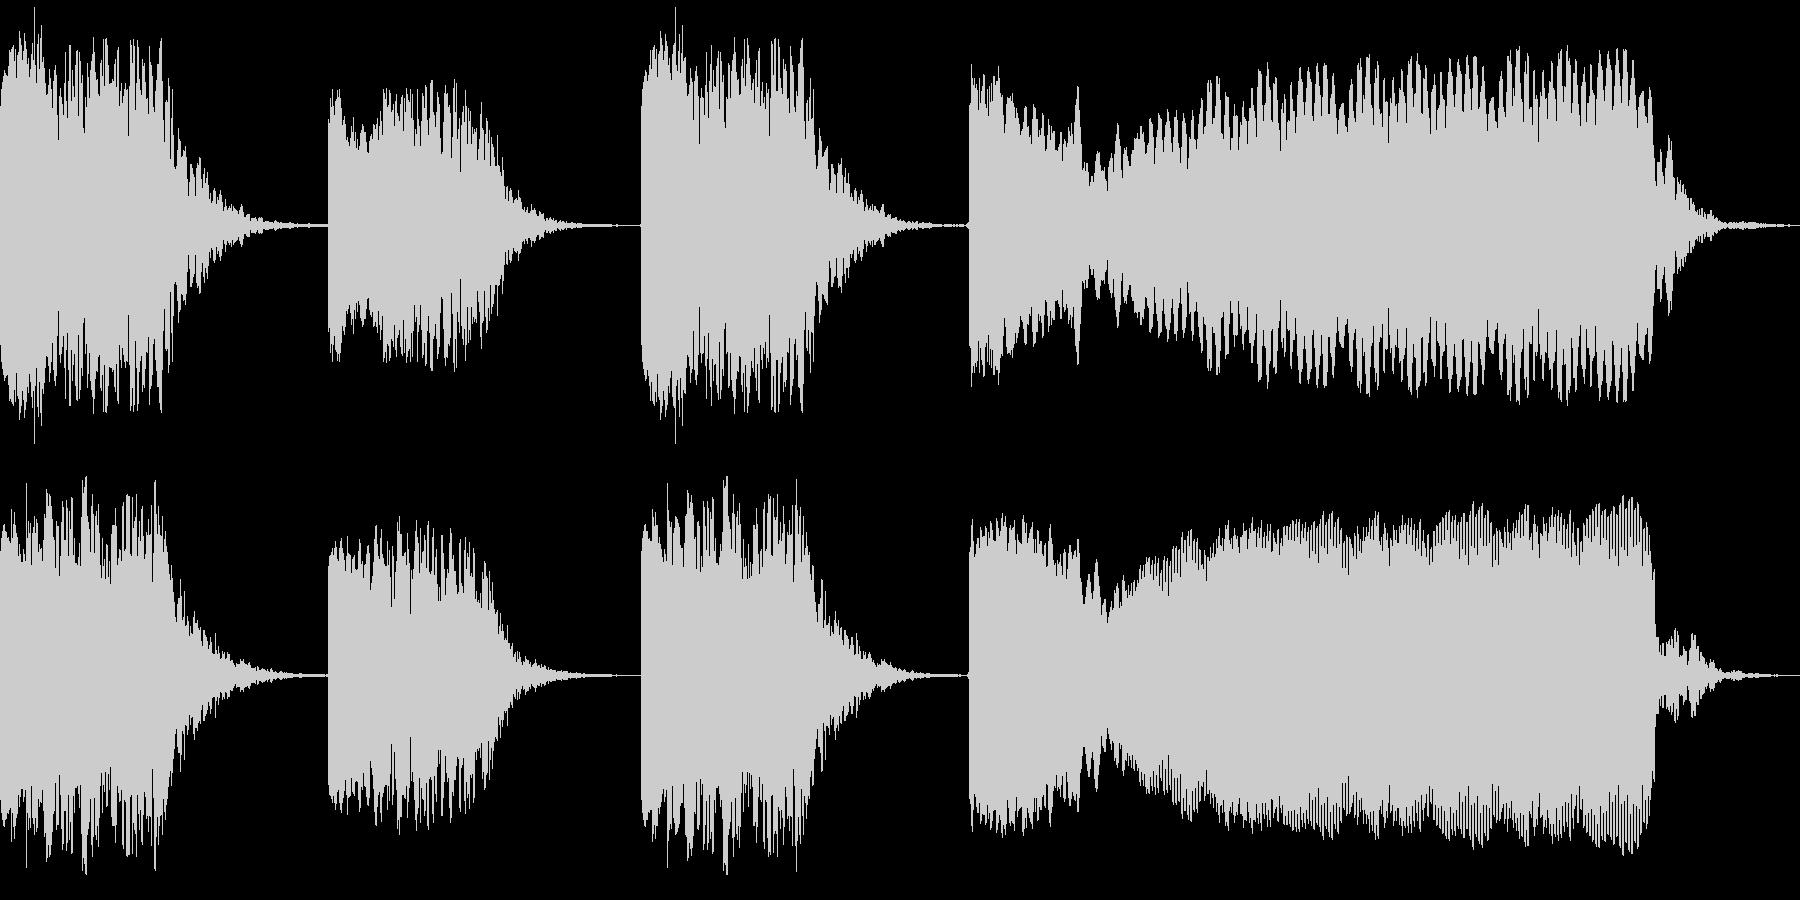 張力ビルダーの歪みの未再生の波形